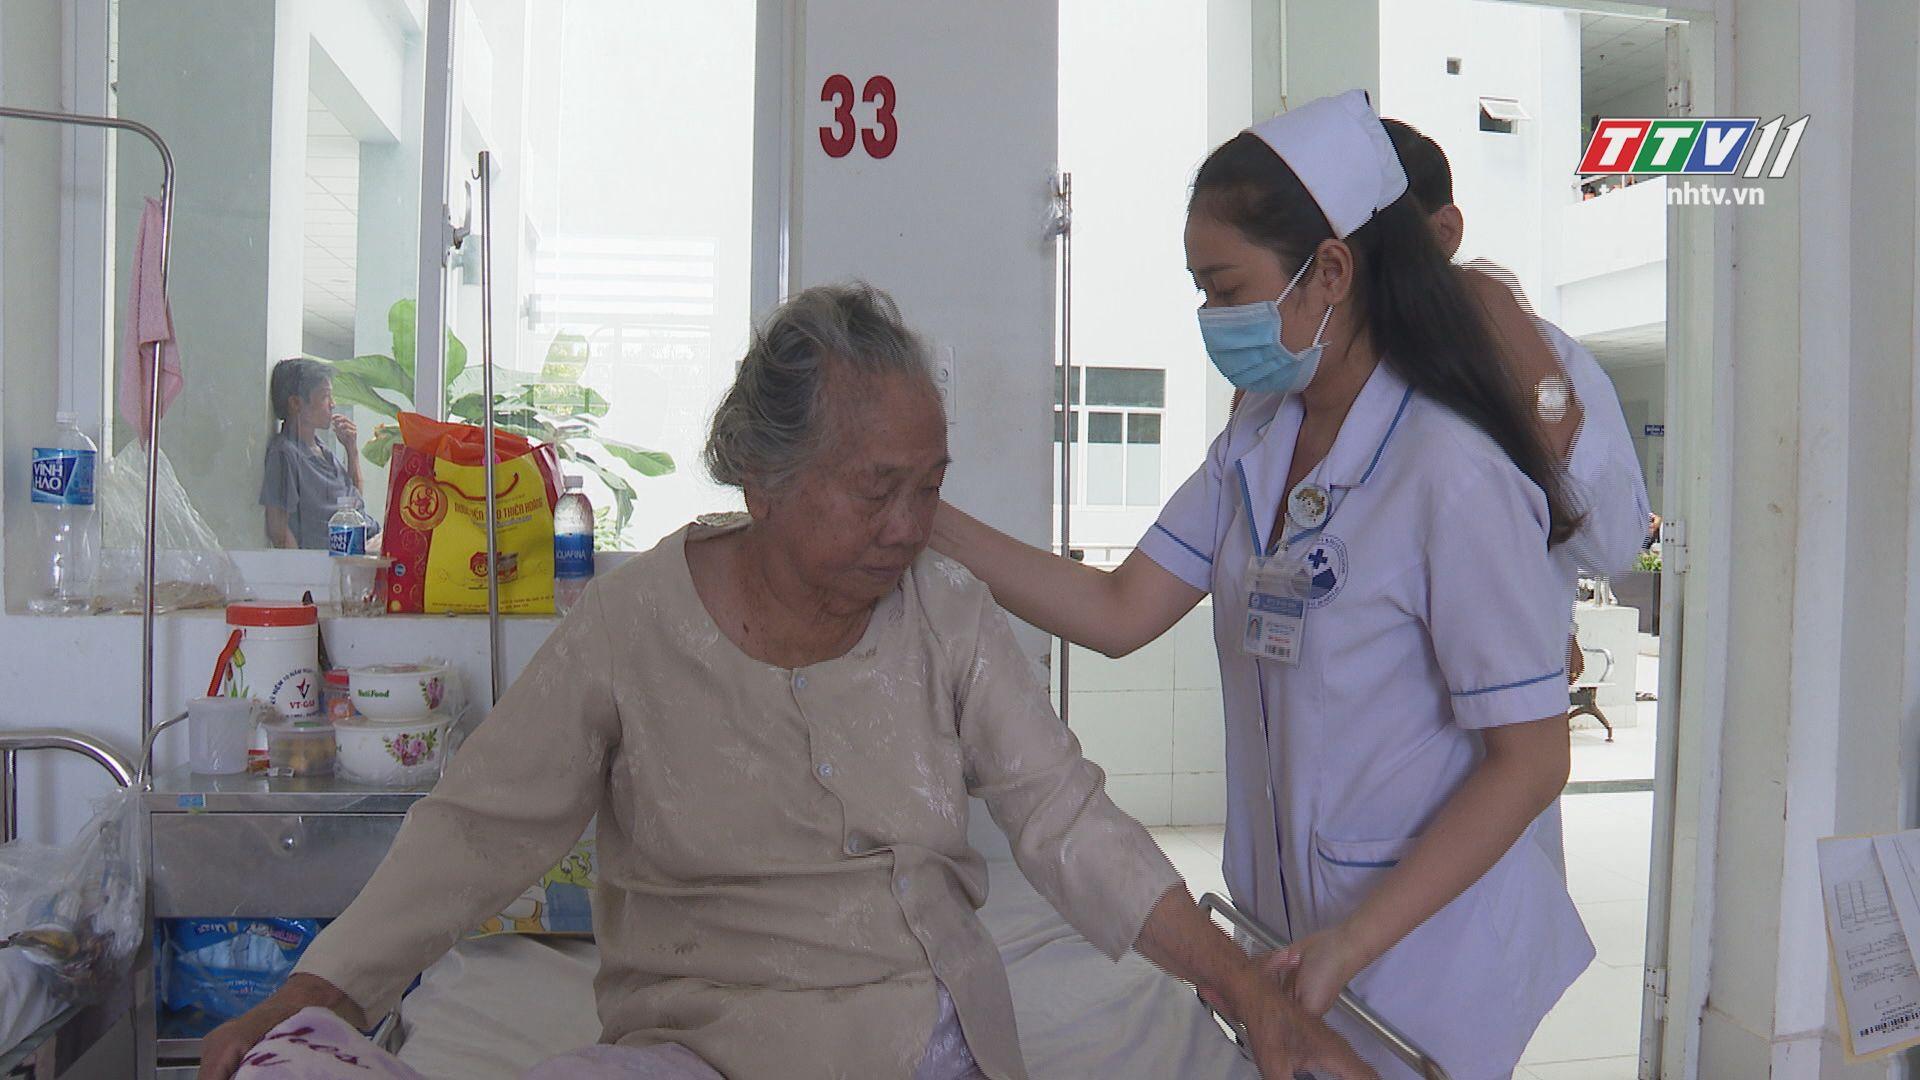 Đảm bảo công tác chăm sóc sức khỏe nhân dân trong dịp TẾT NGUYÊN ĐÁN | SỨC KHỎE CHO MỌI NGƯỜI | TayNinhTV